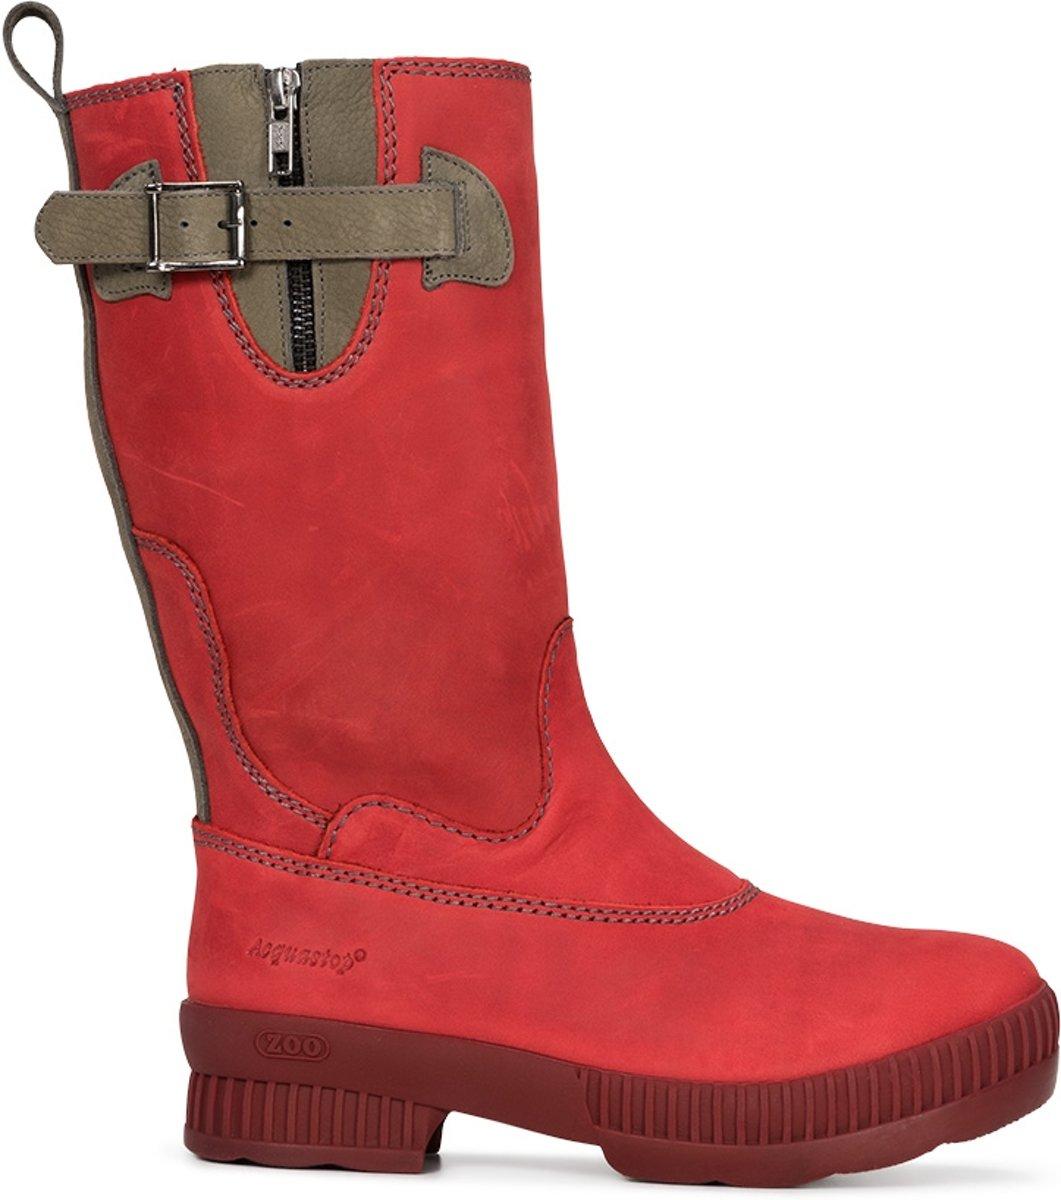 Outdoor laarzen ZOO Dames – Rood – Waterdicht, Leer, Wol – Adisa 36